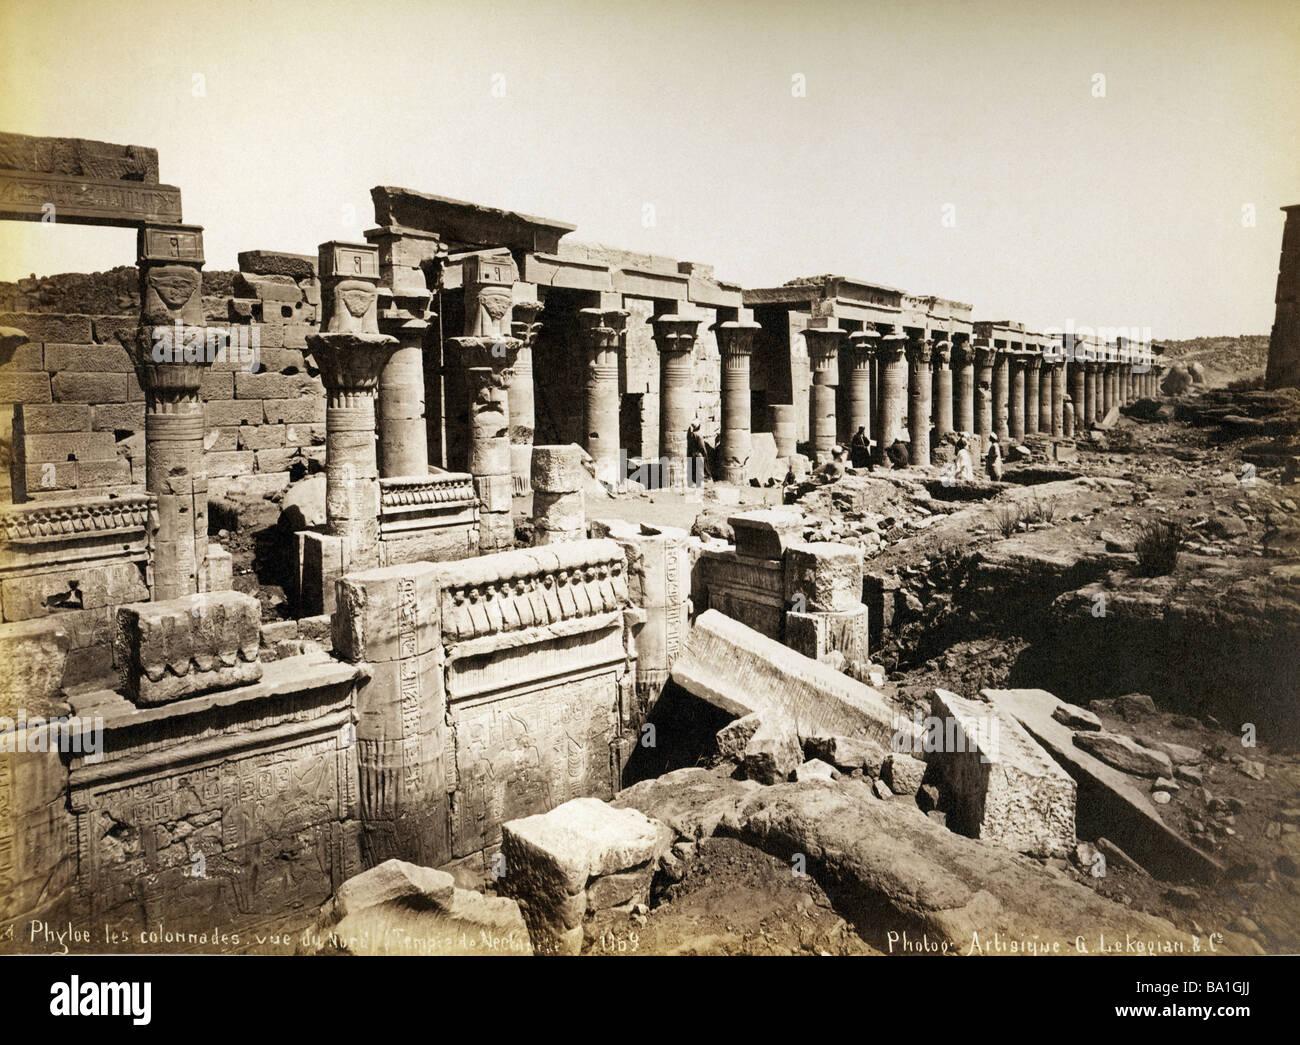 Geografia / viaggi, Egitto, Philae, tempio di Iside, vista da nord, fotografia di Gabriel Lekegian e Co., circa Immagini Stock